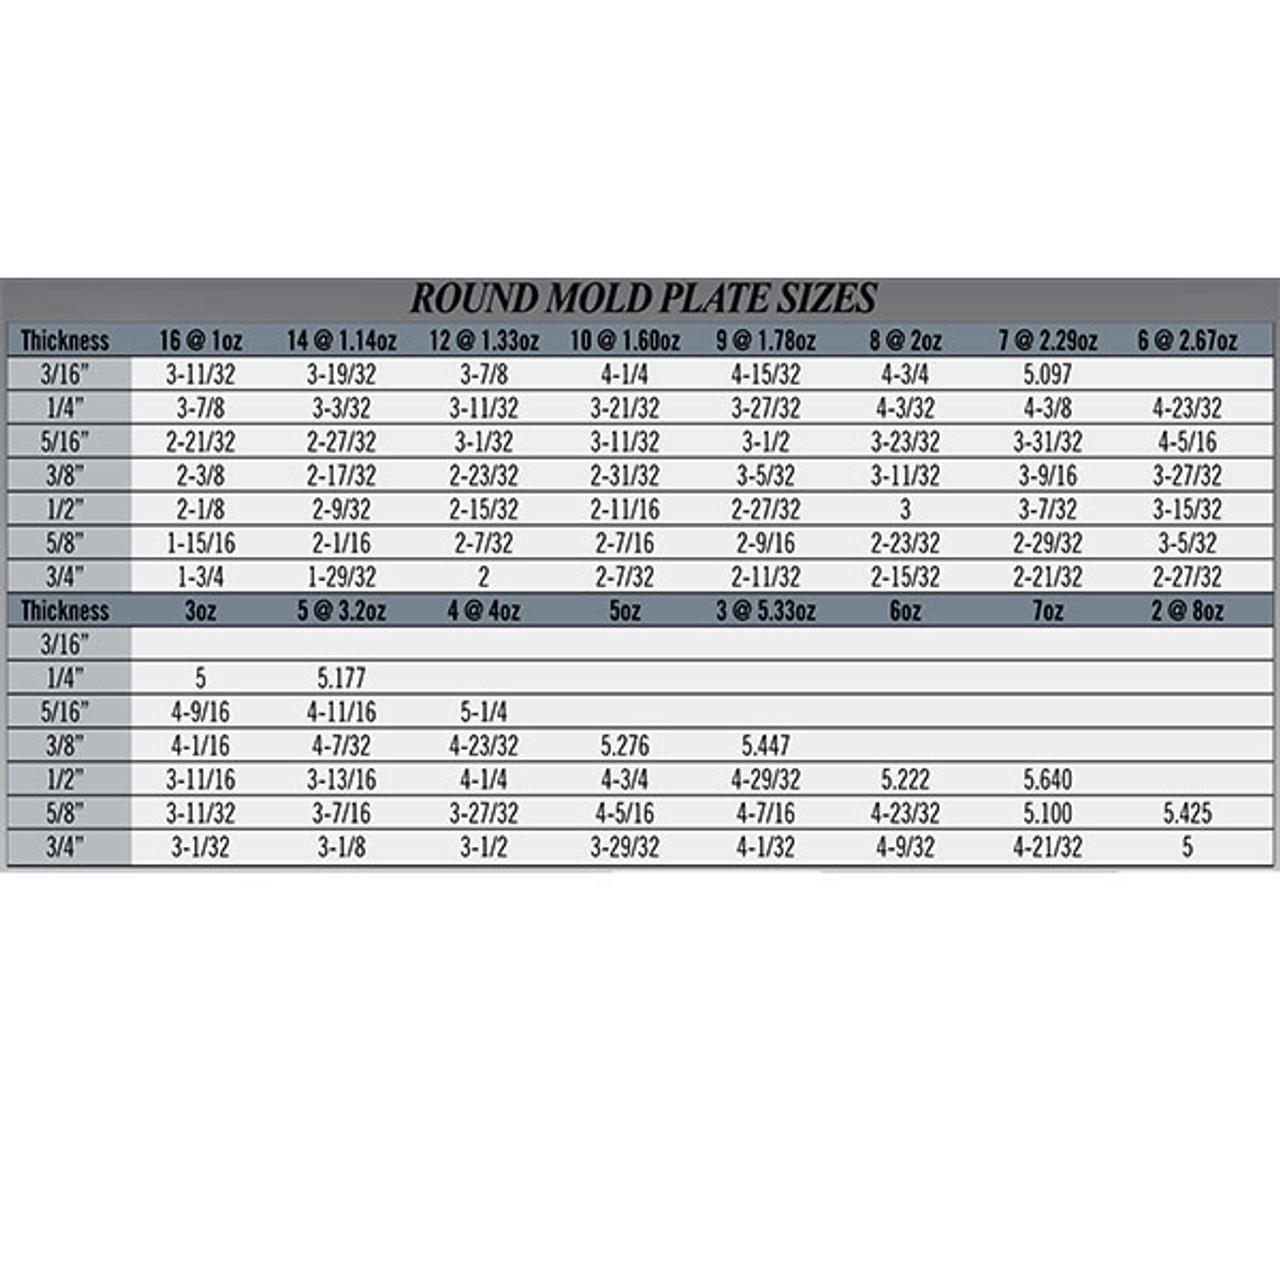 Patty-O-Matic - PS21 - UL/EPH - NSF/ANSI 8 Standards